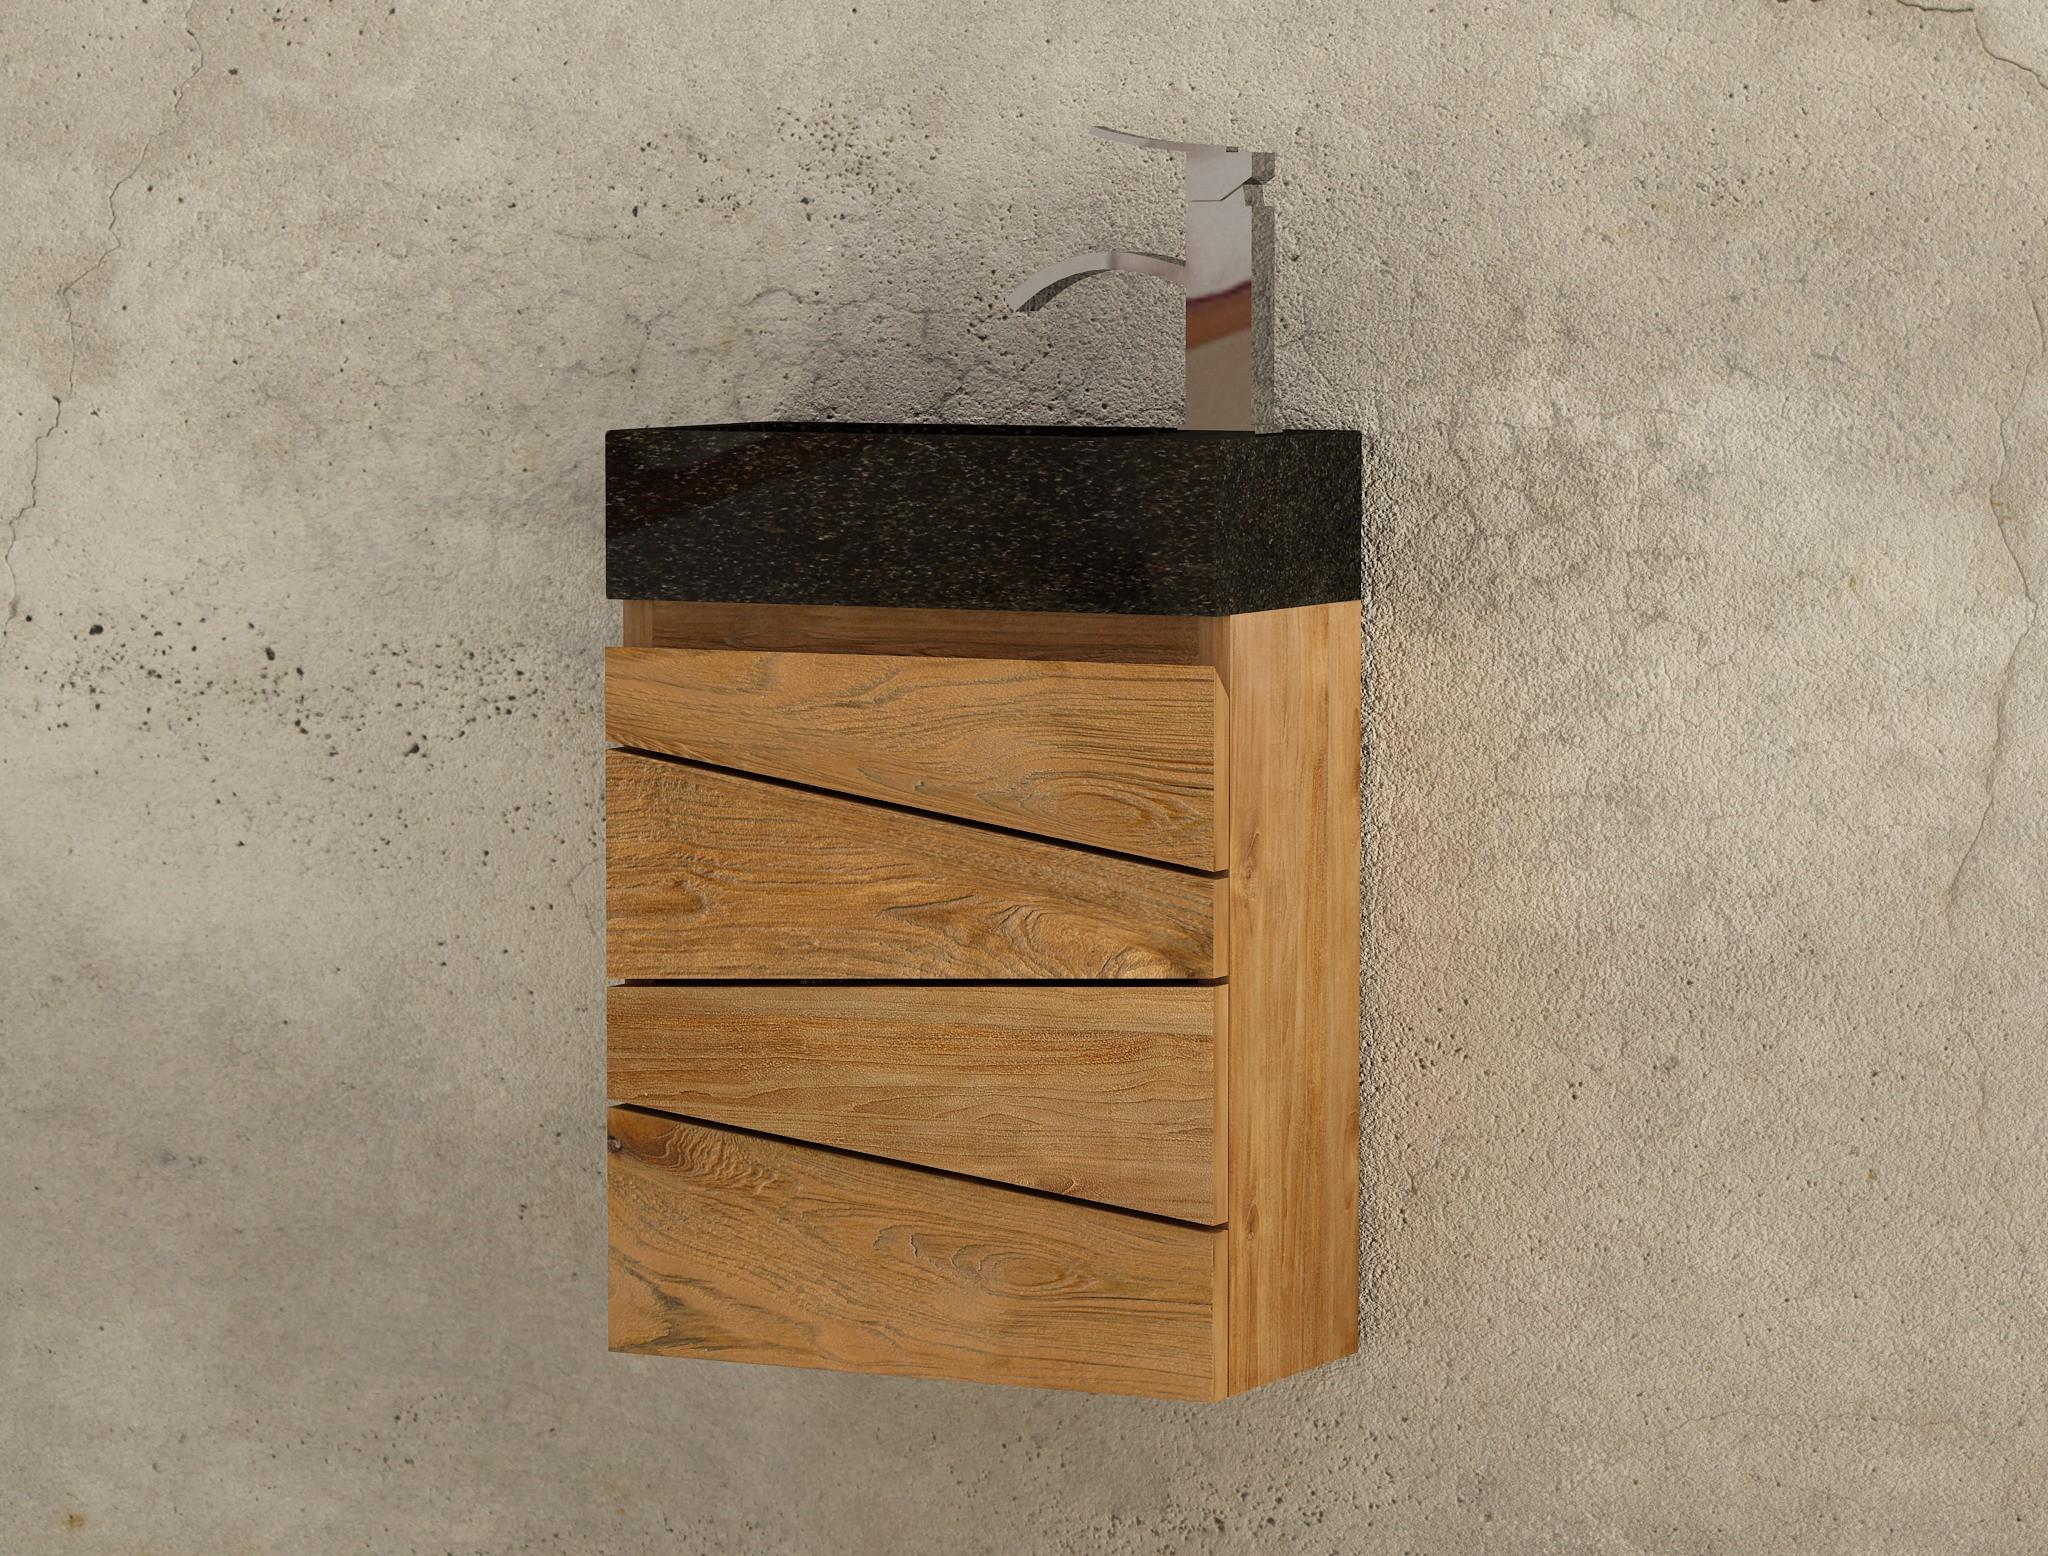 lave main en teck massif et vaque bton cir noire sentani mobilier salle de bain - Meuble Salle De Bain Teck Suspendu